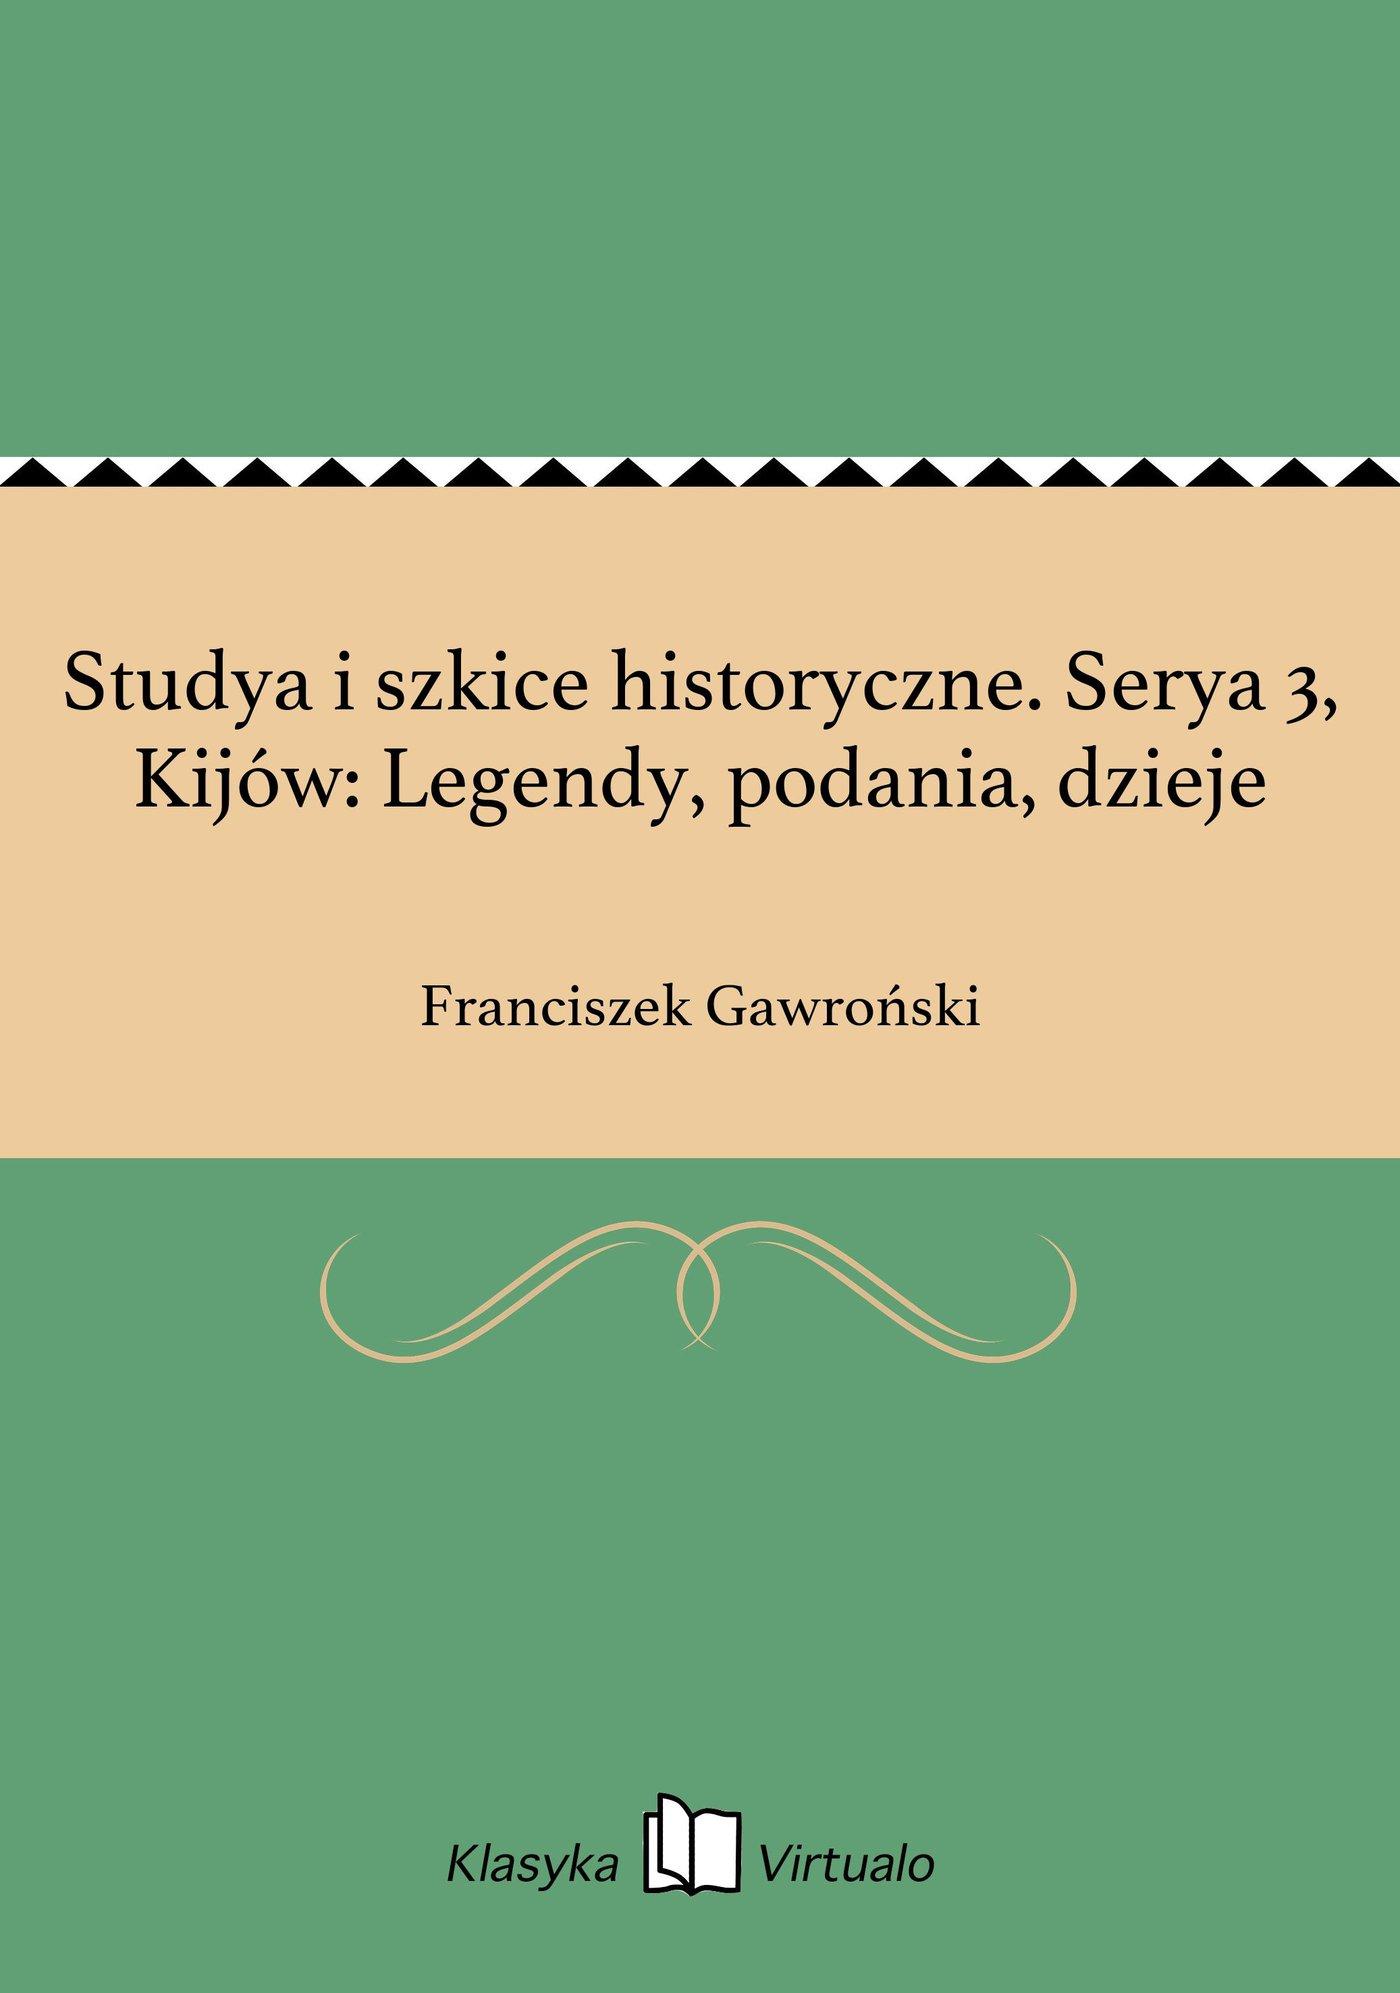 Studya i szkice historyczne. Serya 3, Kijów: Legendy, podania, dzieje - Ebook (Książka na Kindle) do pobrania w formacie MOBI